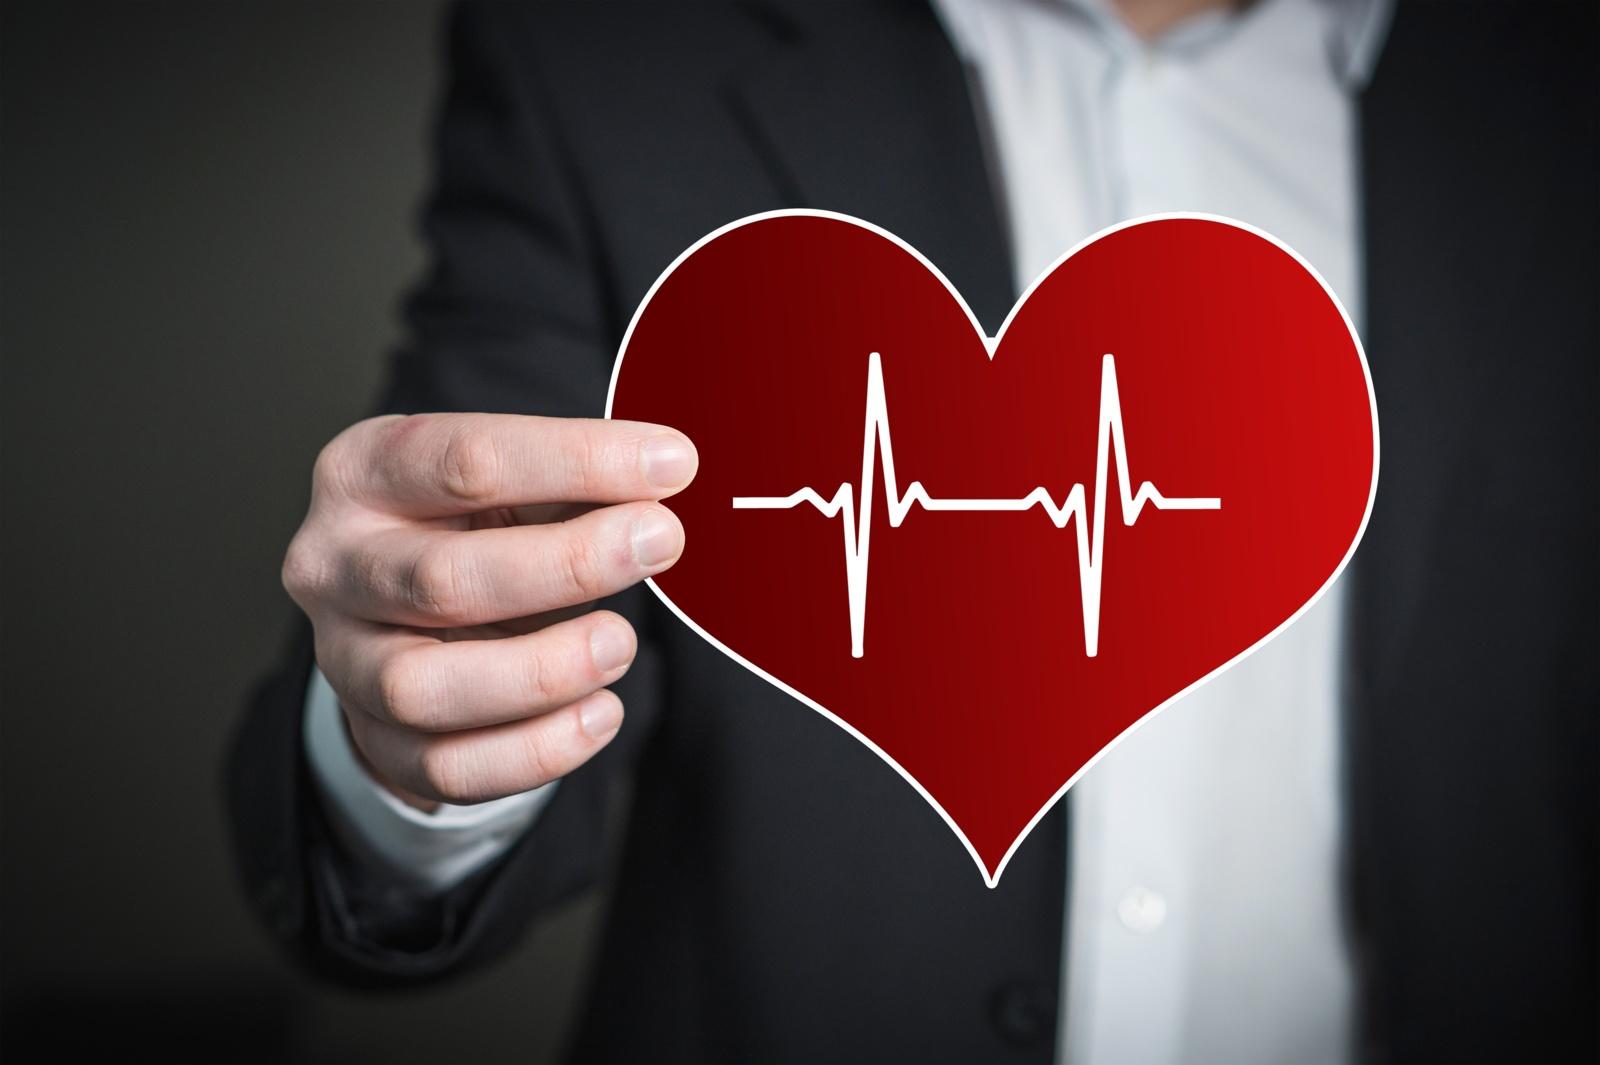 pirštai sustingsta dėl hipertenzijos